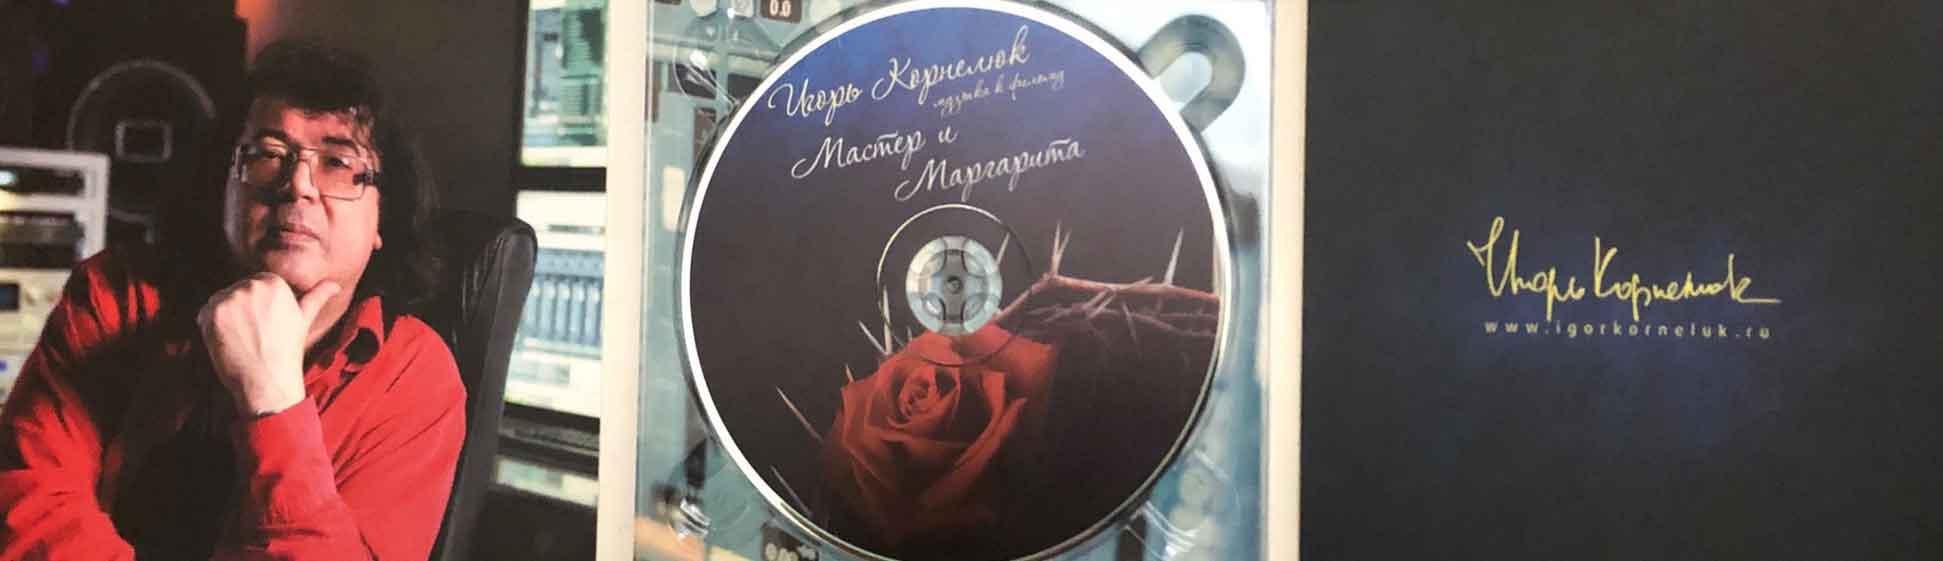 album-master-i-margarita